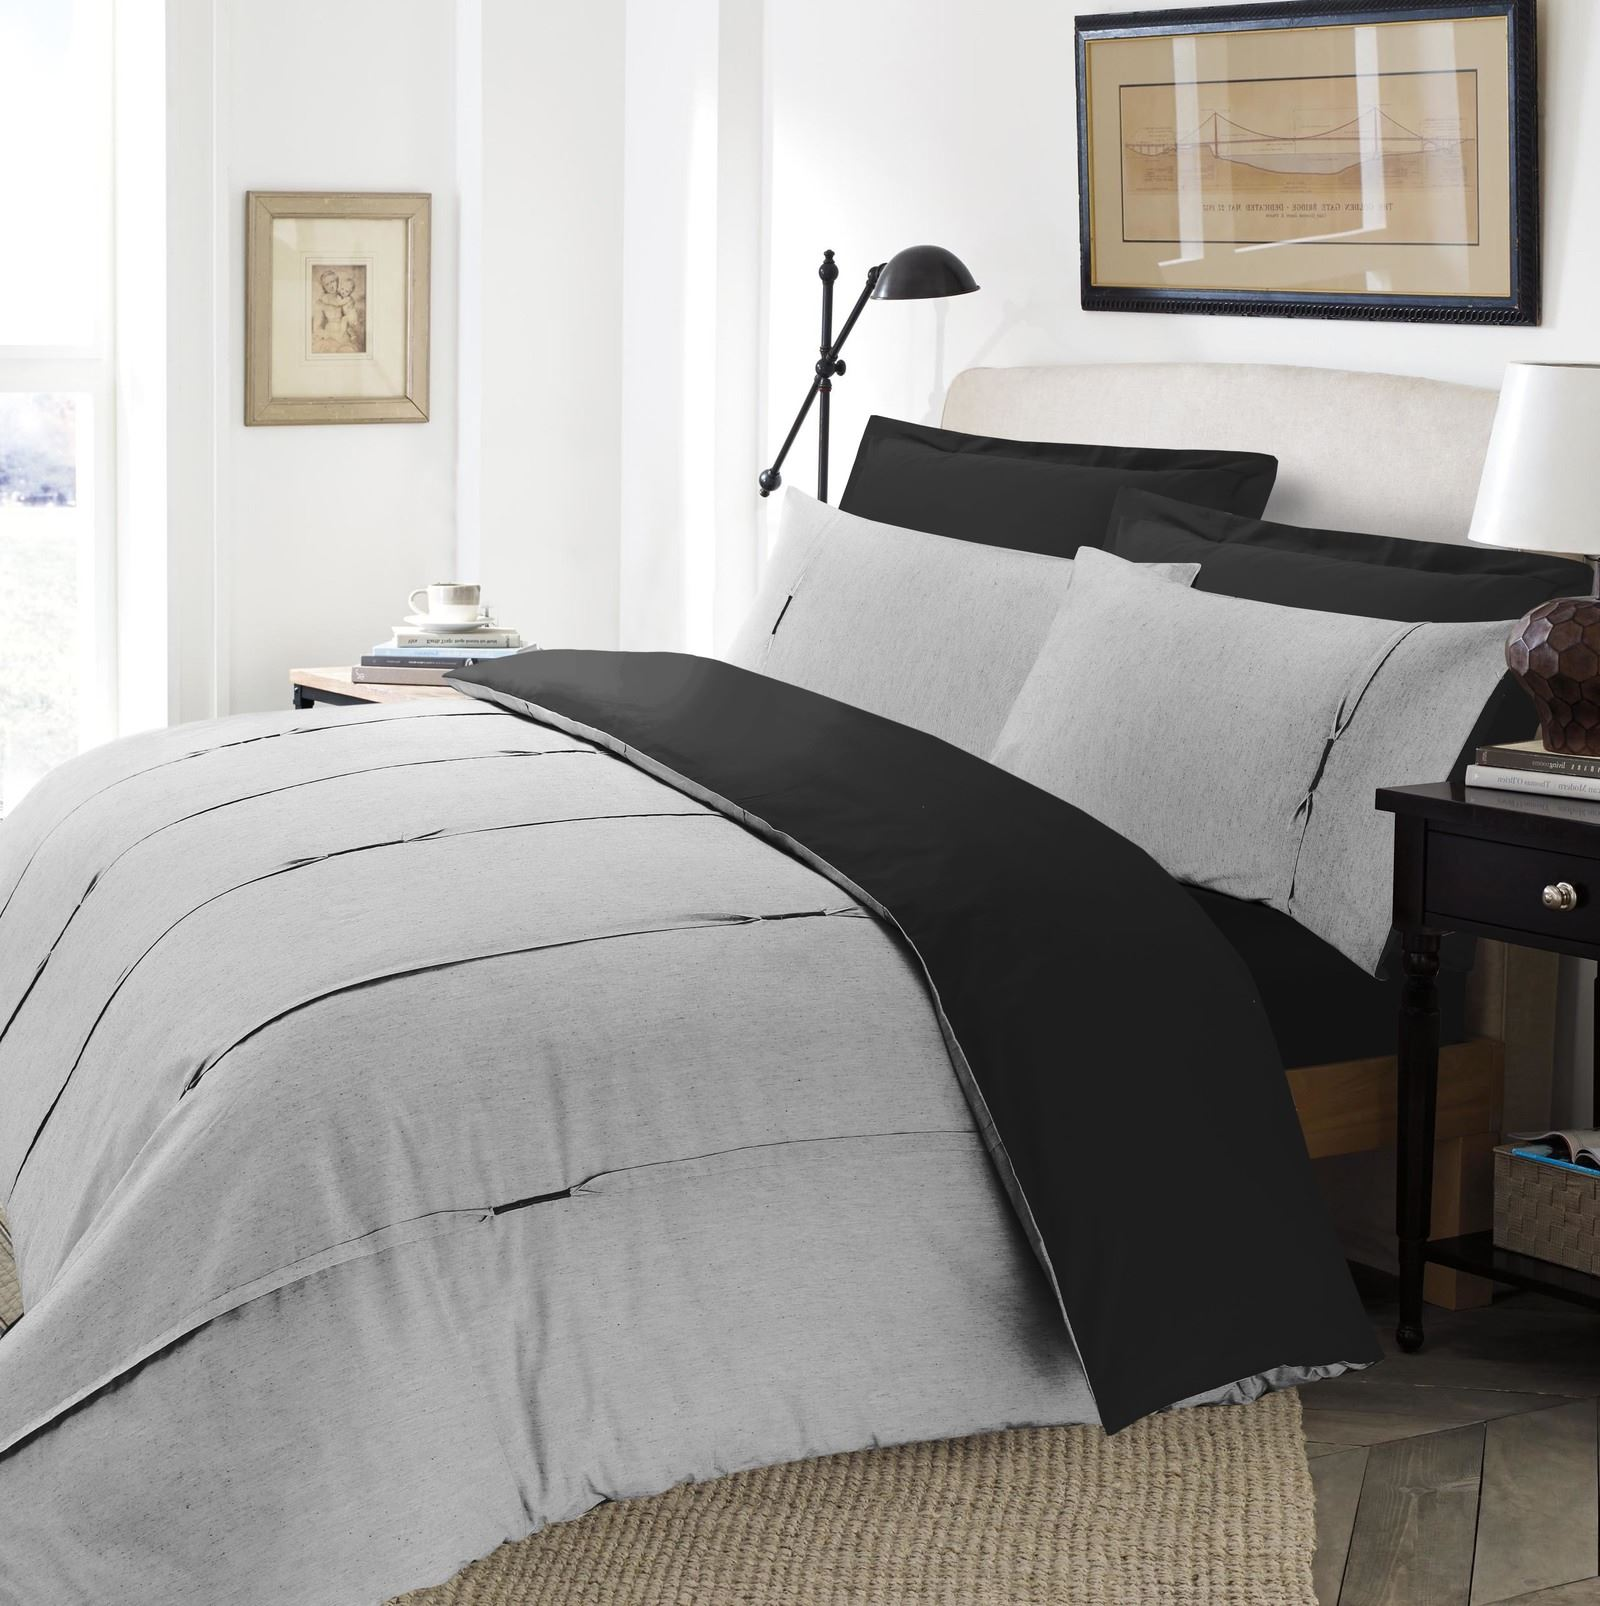 Luxe-Lambert-vertical-Pintuck-plissee-Soft-Couette-Parure-De-Lit-Gris-amp-Noir miniature 3